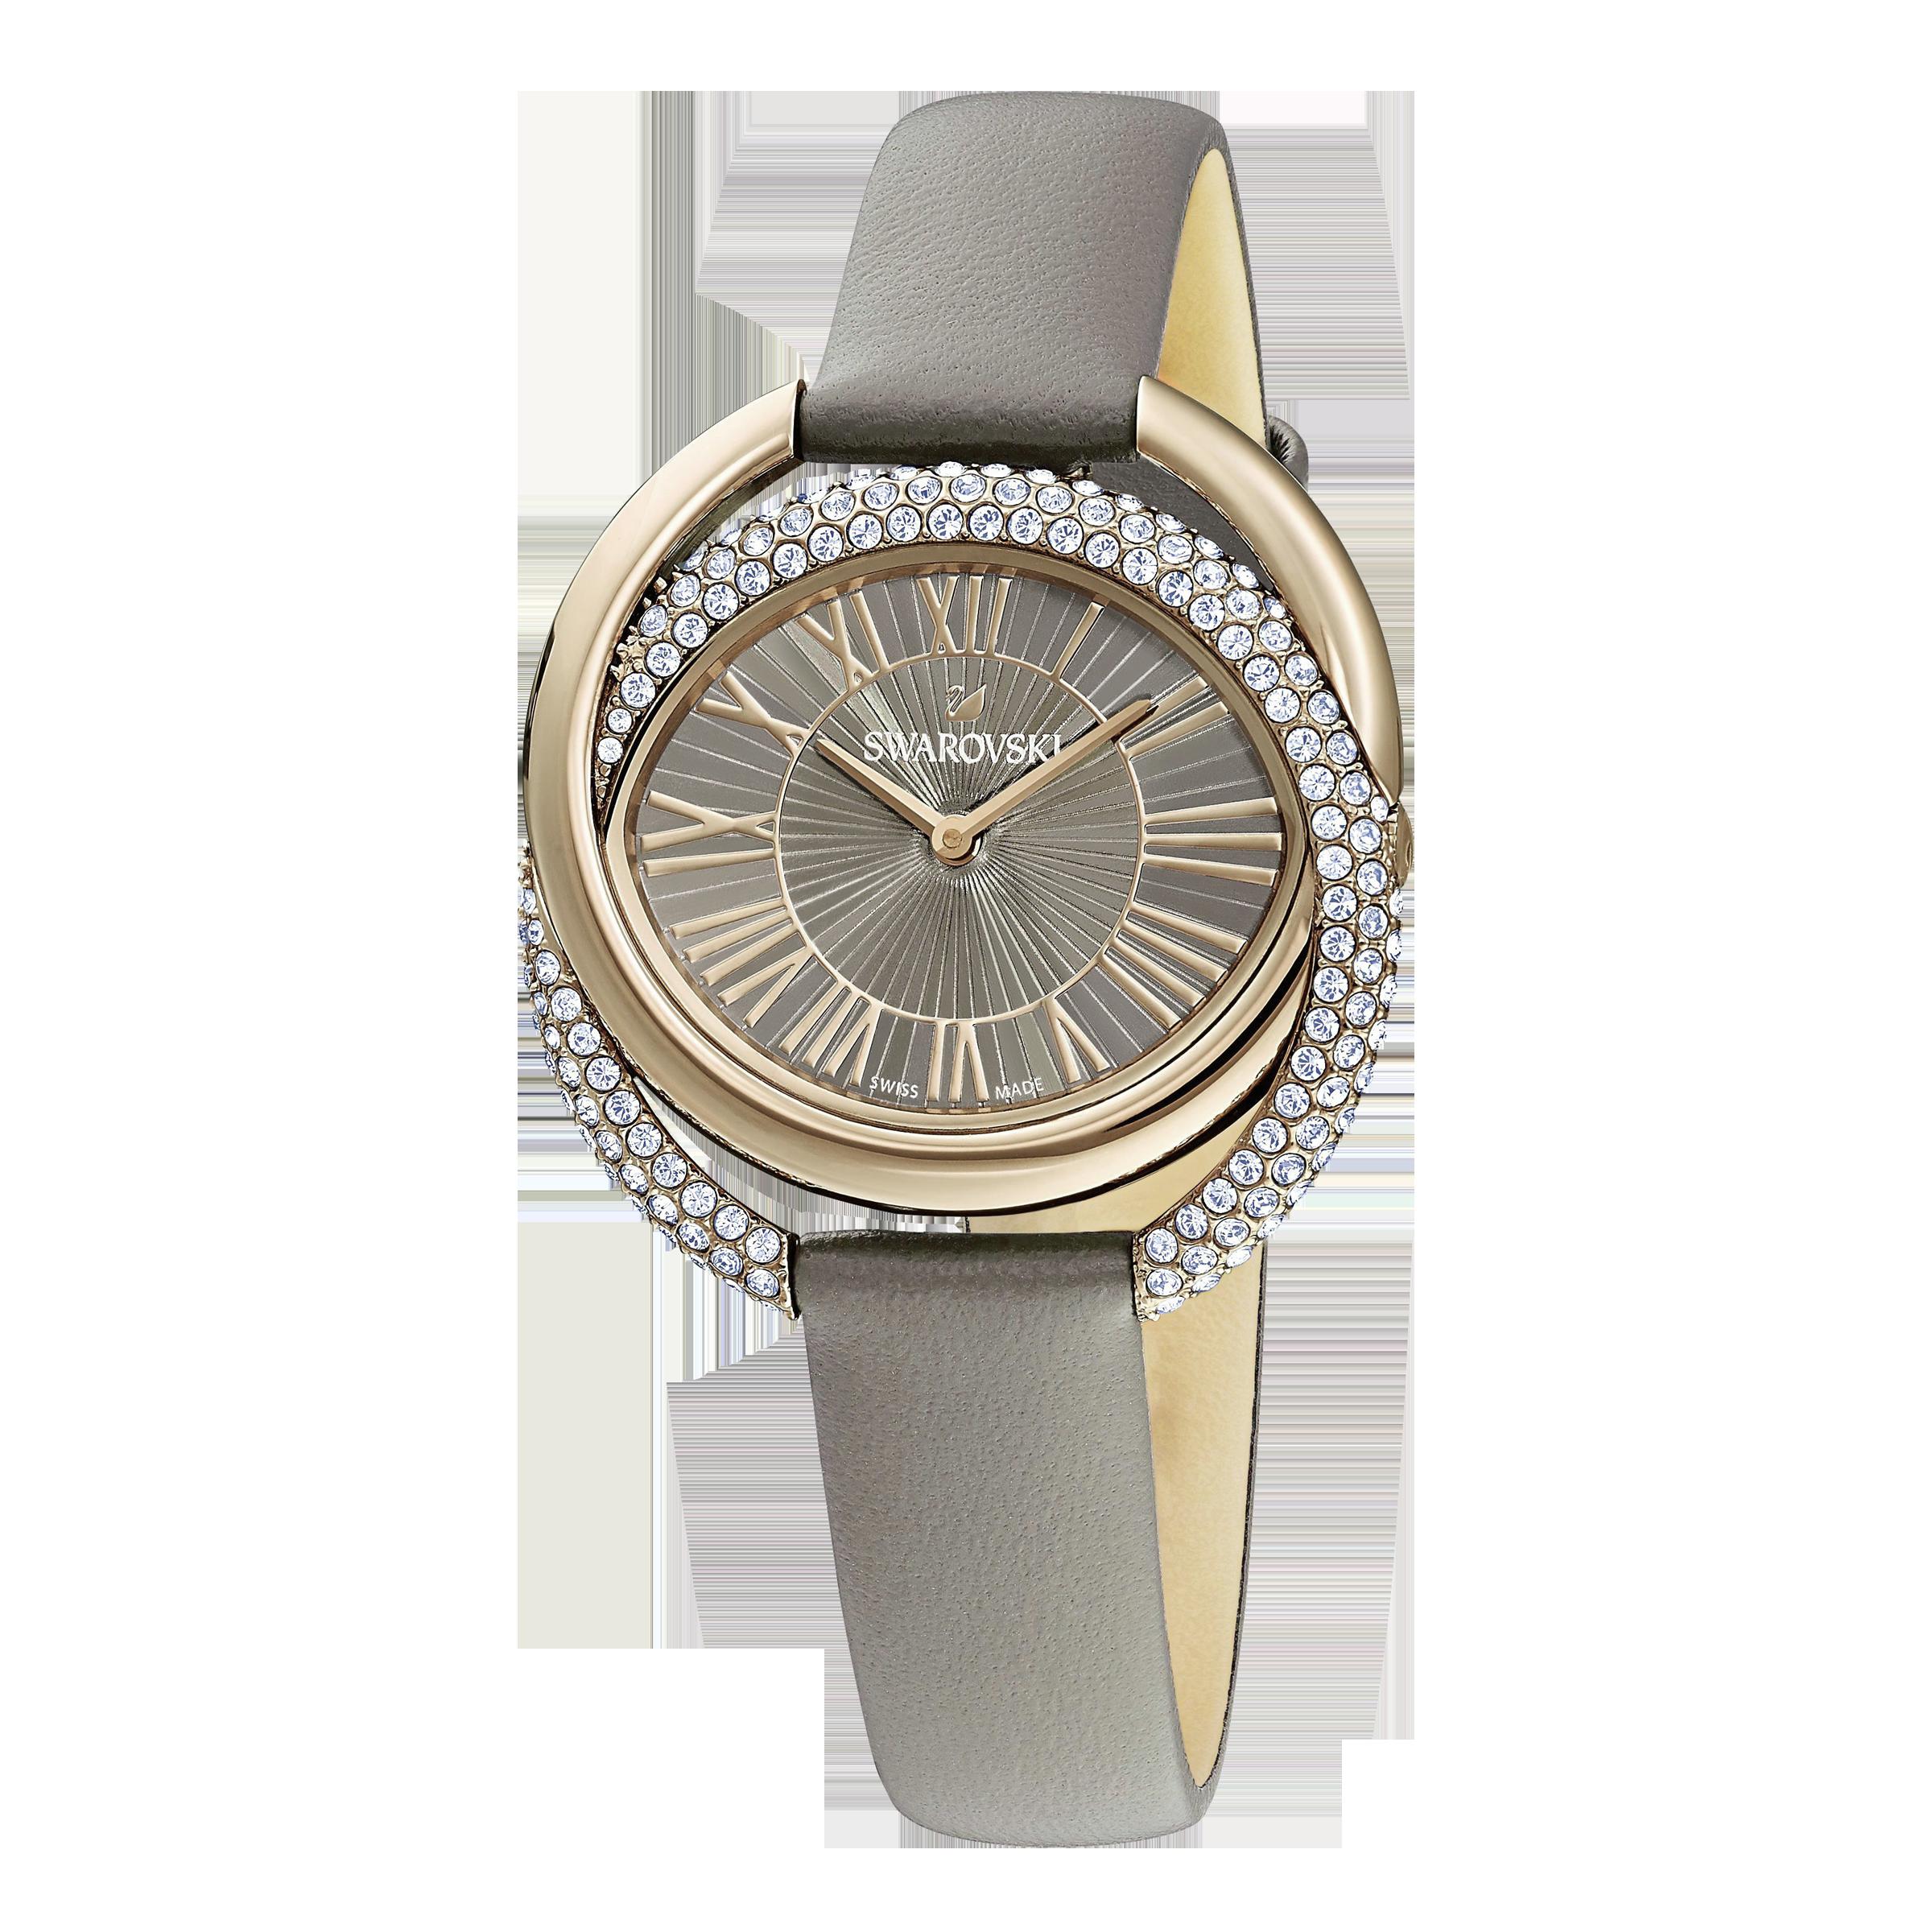 ساعة Duo  ، حزام جلدي ، رمادي ، بلون أصفر ذهبي PVD